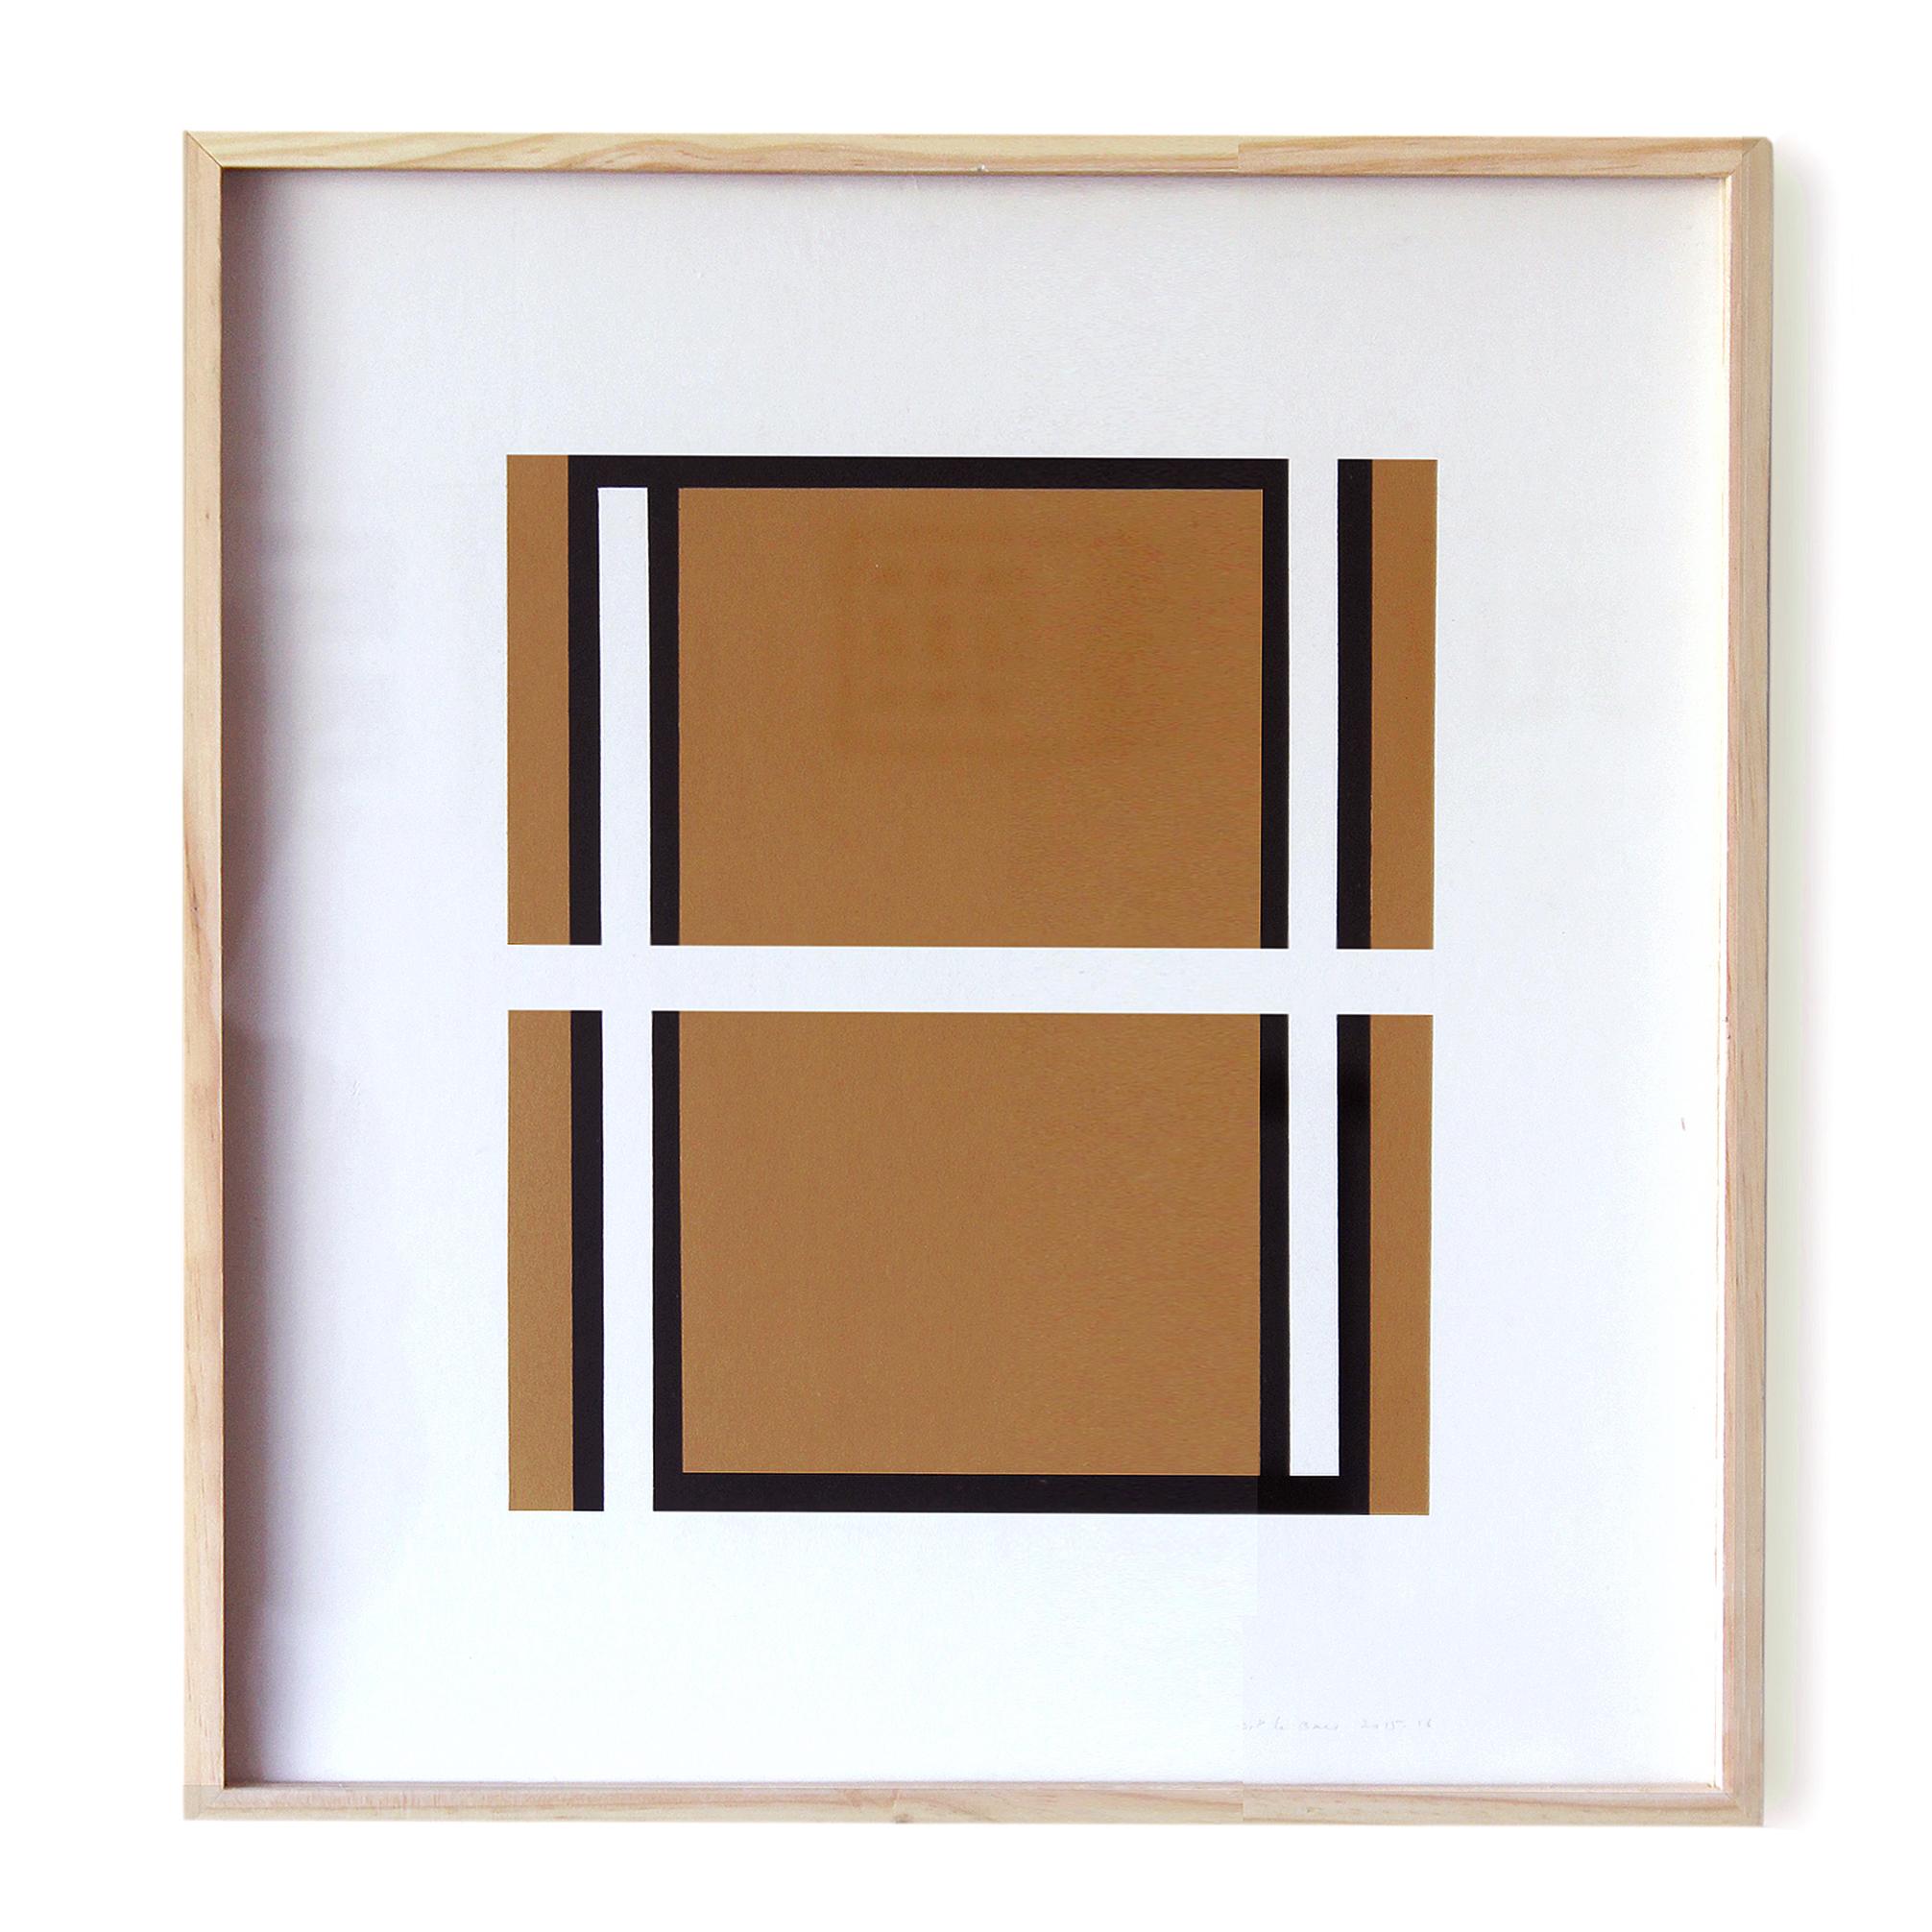 Jean pierre le bars  sans titre  2015 2016  acrylique sur papier  32 x 30 cm original